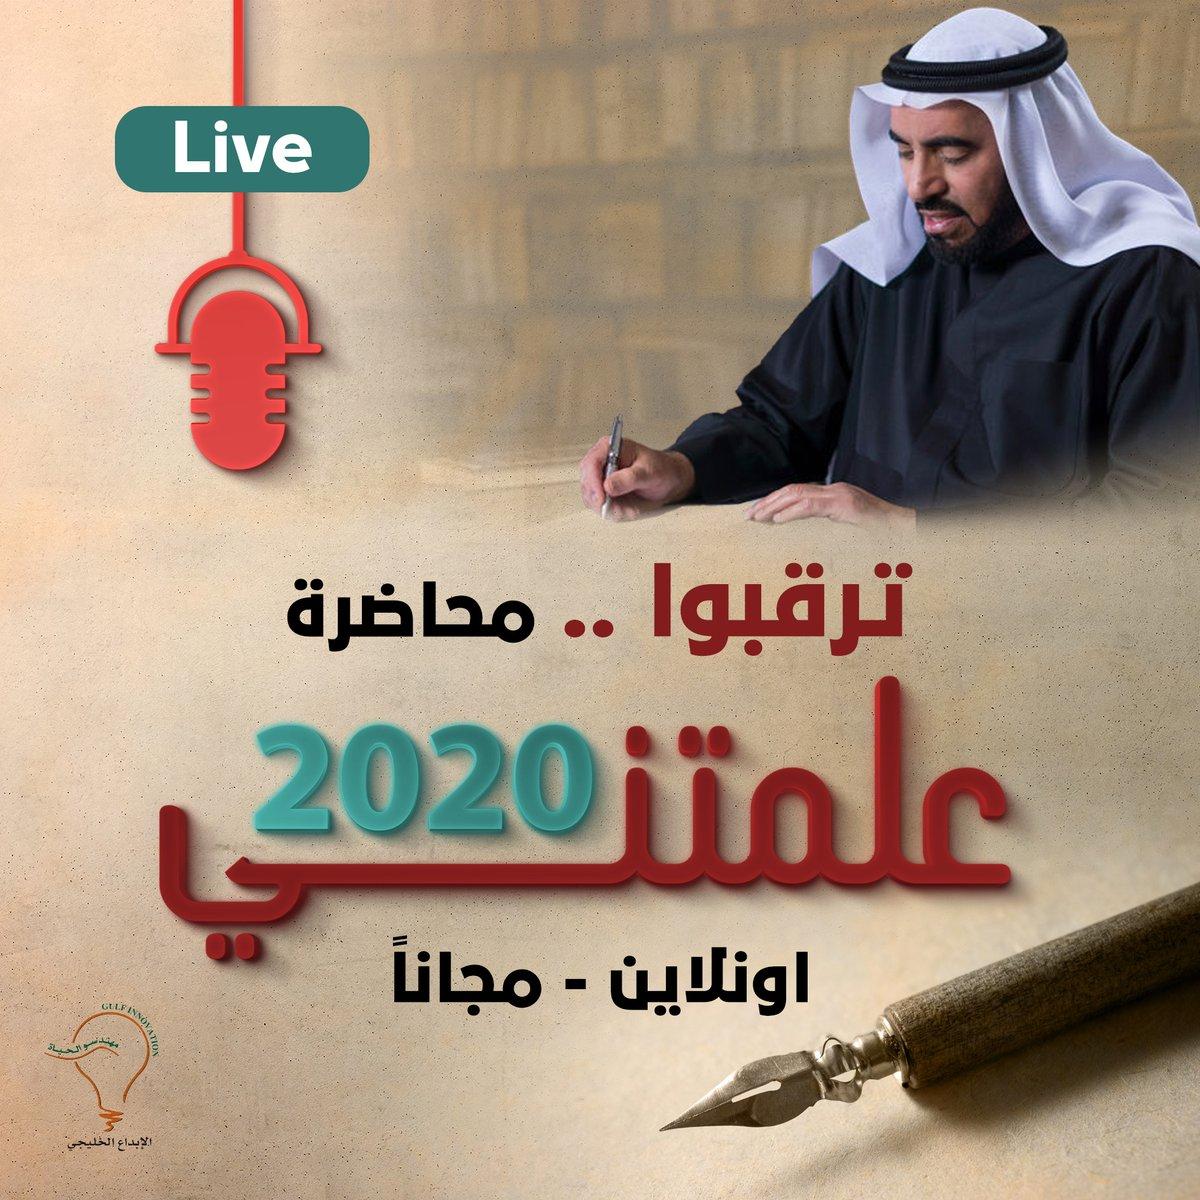 ترقبوا بعد أيام .. محاضرة علمتني 2020  للدكتور طارق السويدان والتي ستكون مجاناً على الهواء مباشرة